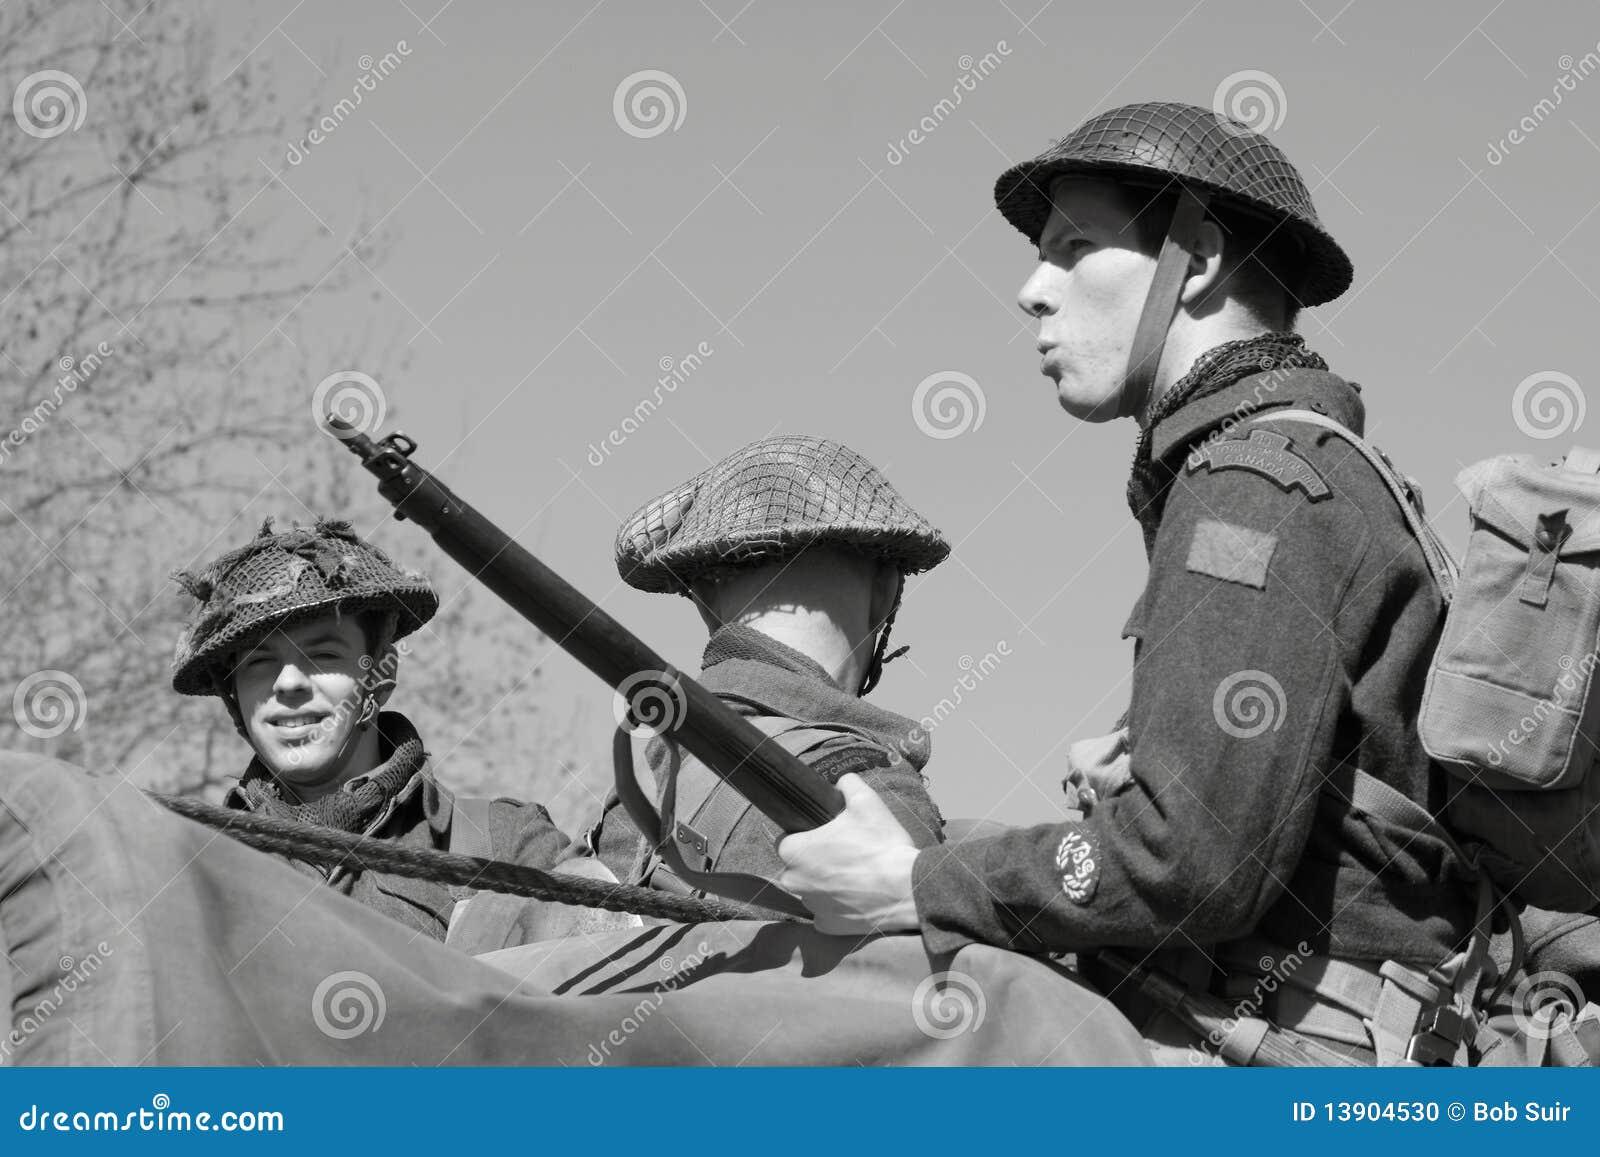 Image éditorial: soldats de la deuxième guerre mondiale